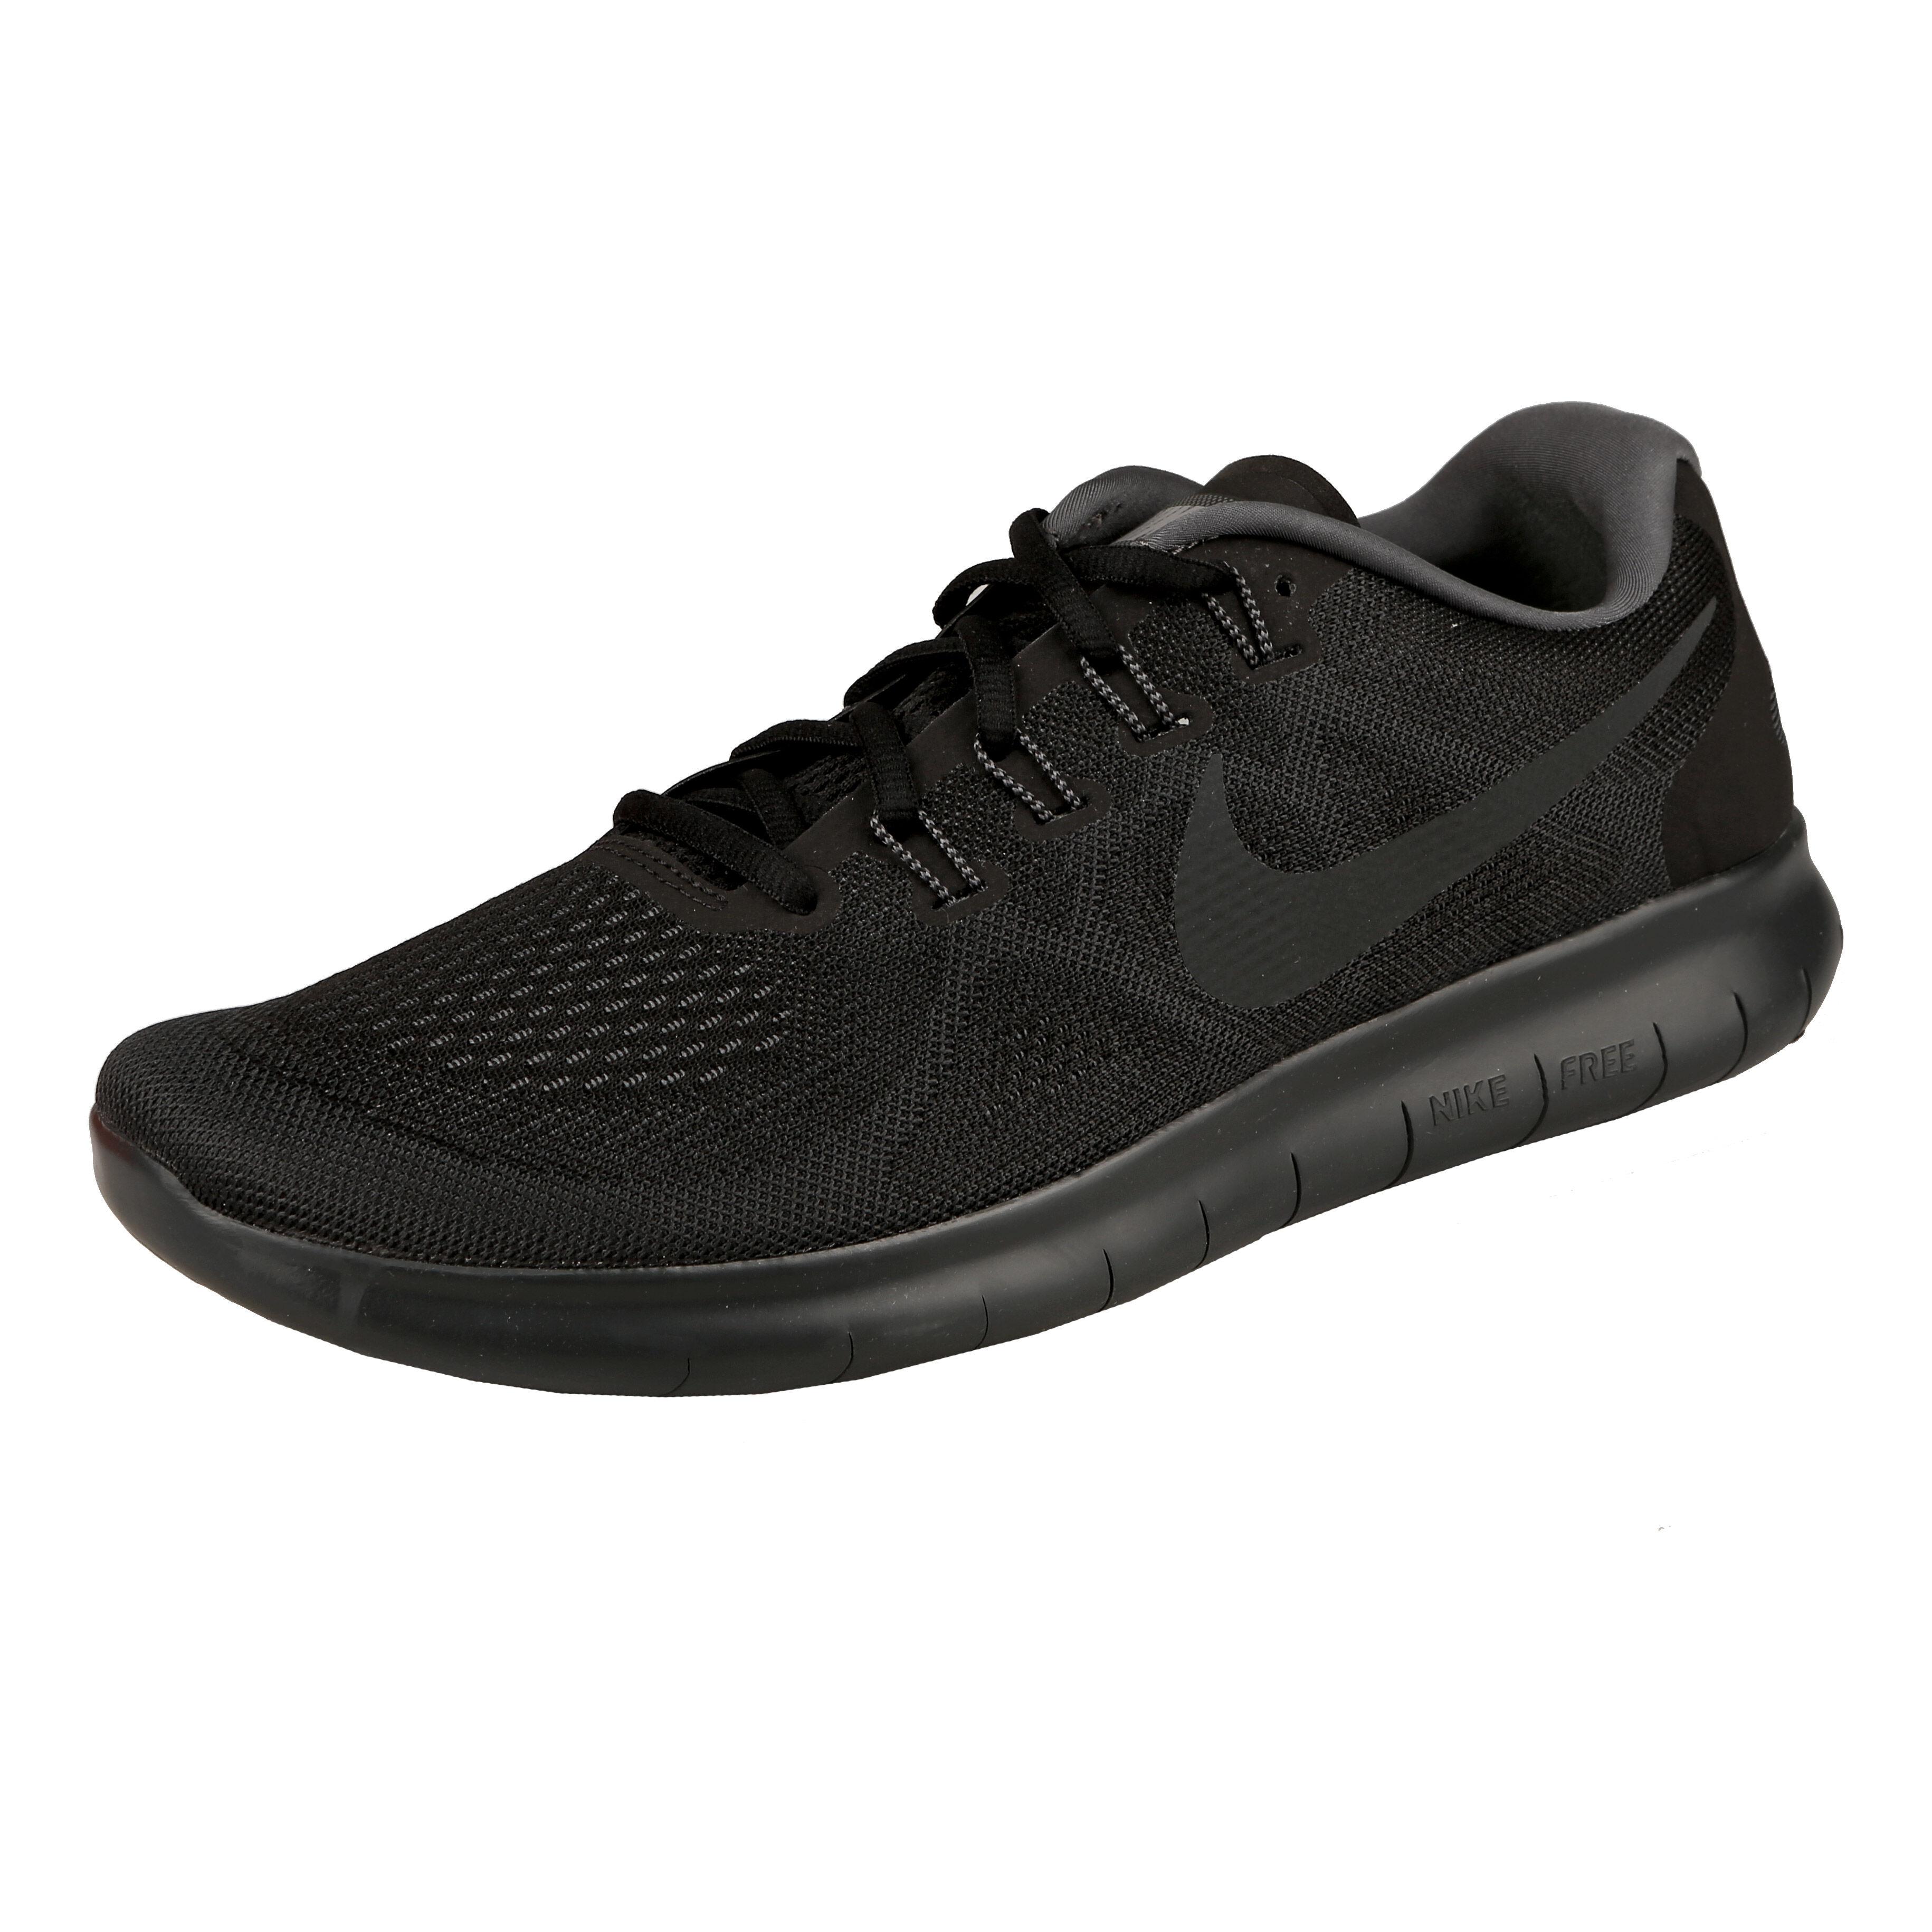 Nike Free Run 2017 Natural Running Shoe Men Black, Dark Grey